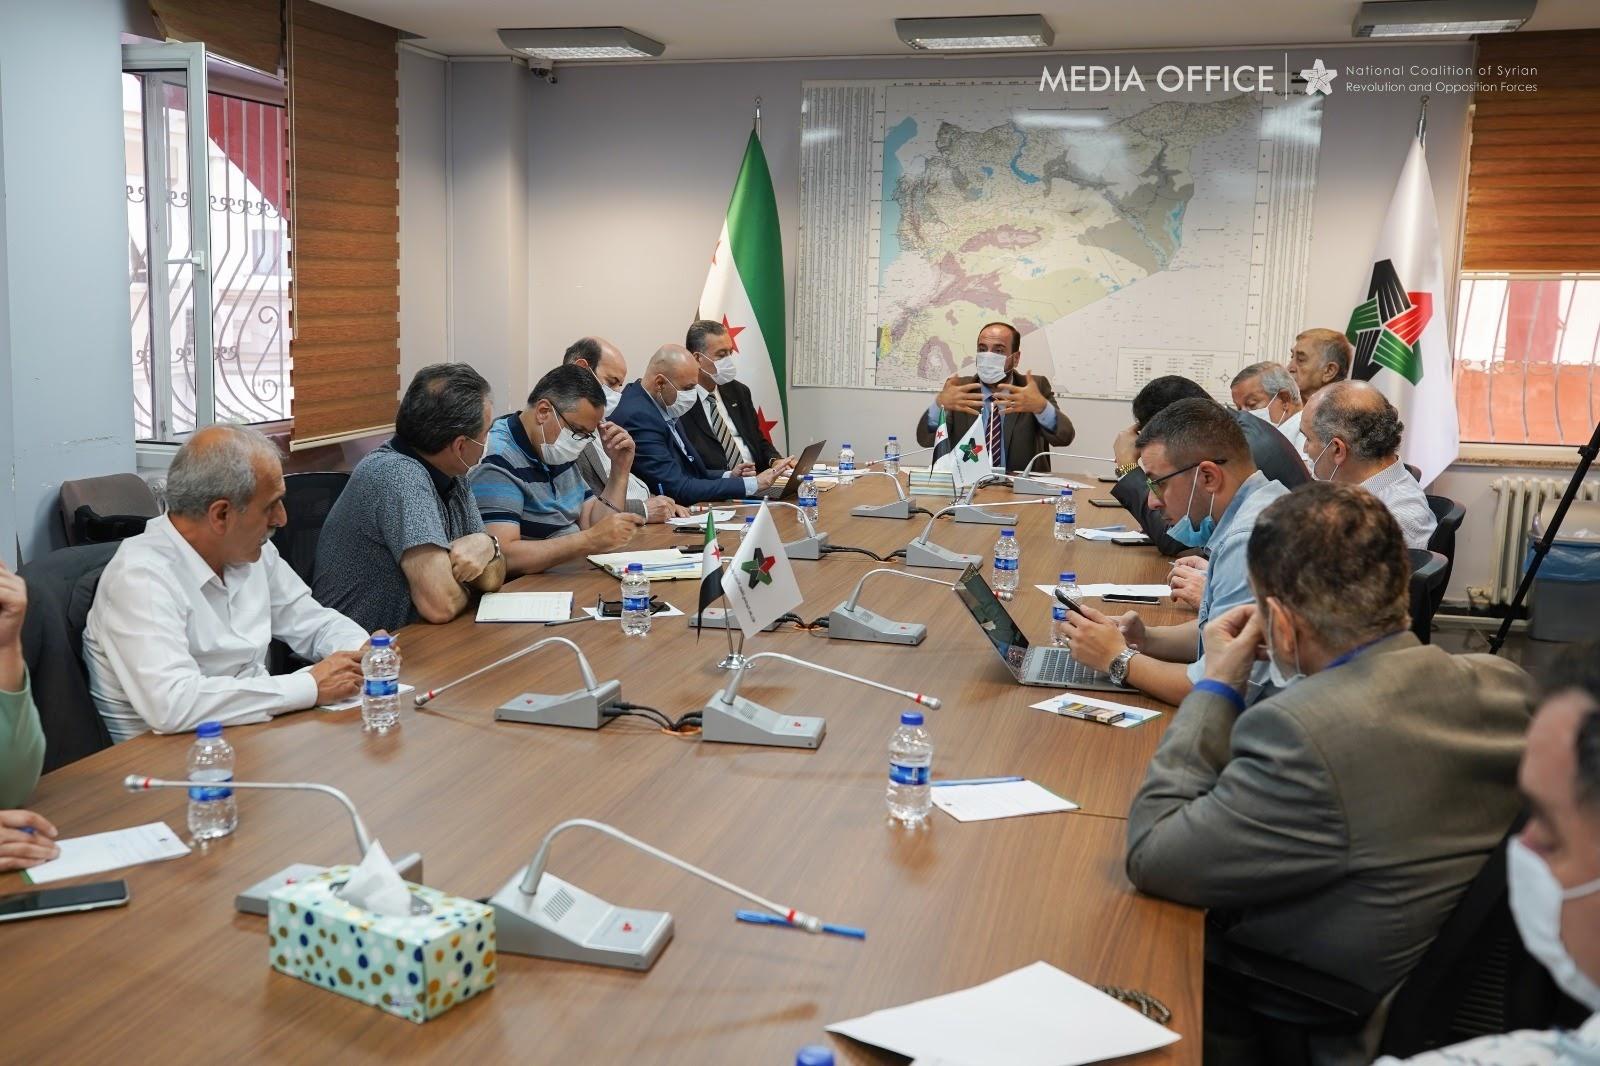 الهيئة السياسية تعتمد التشكيلة الجديدة لدوائر ولجان الائتلاف وتناقش خطط عملها